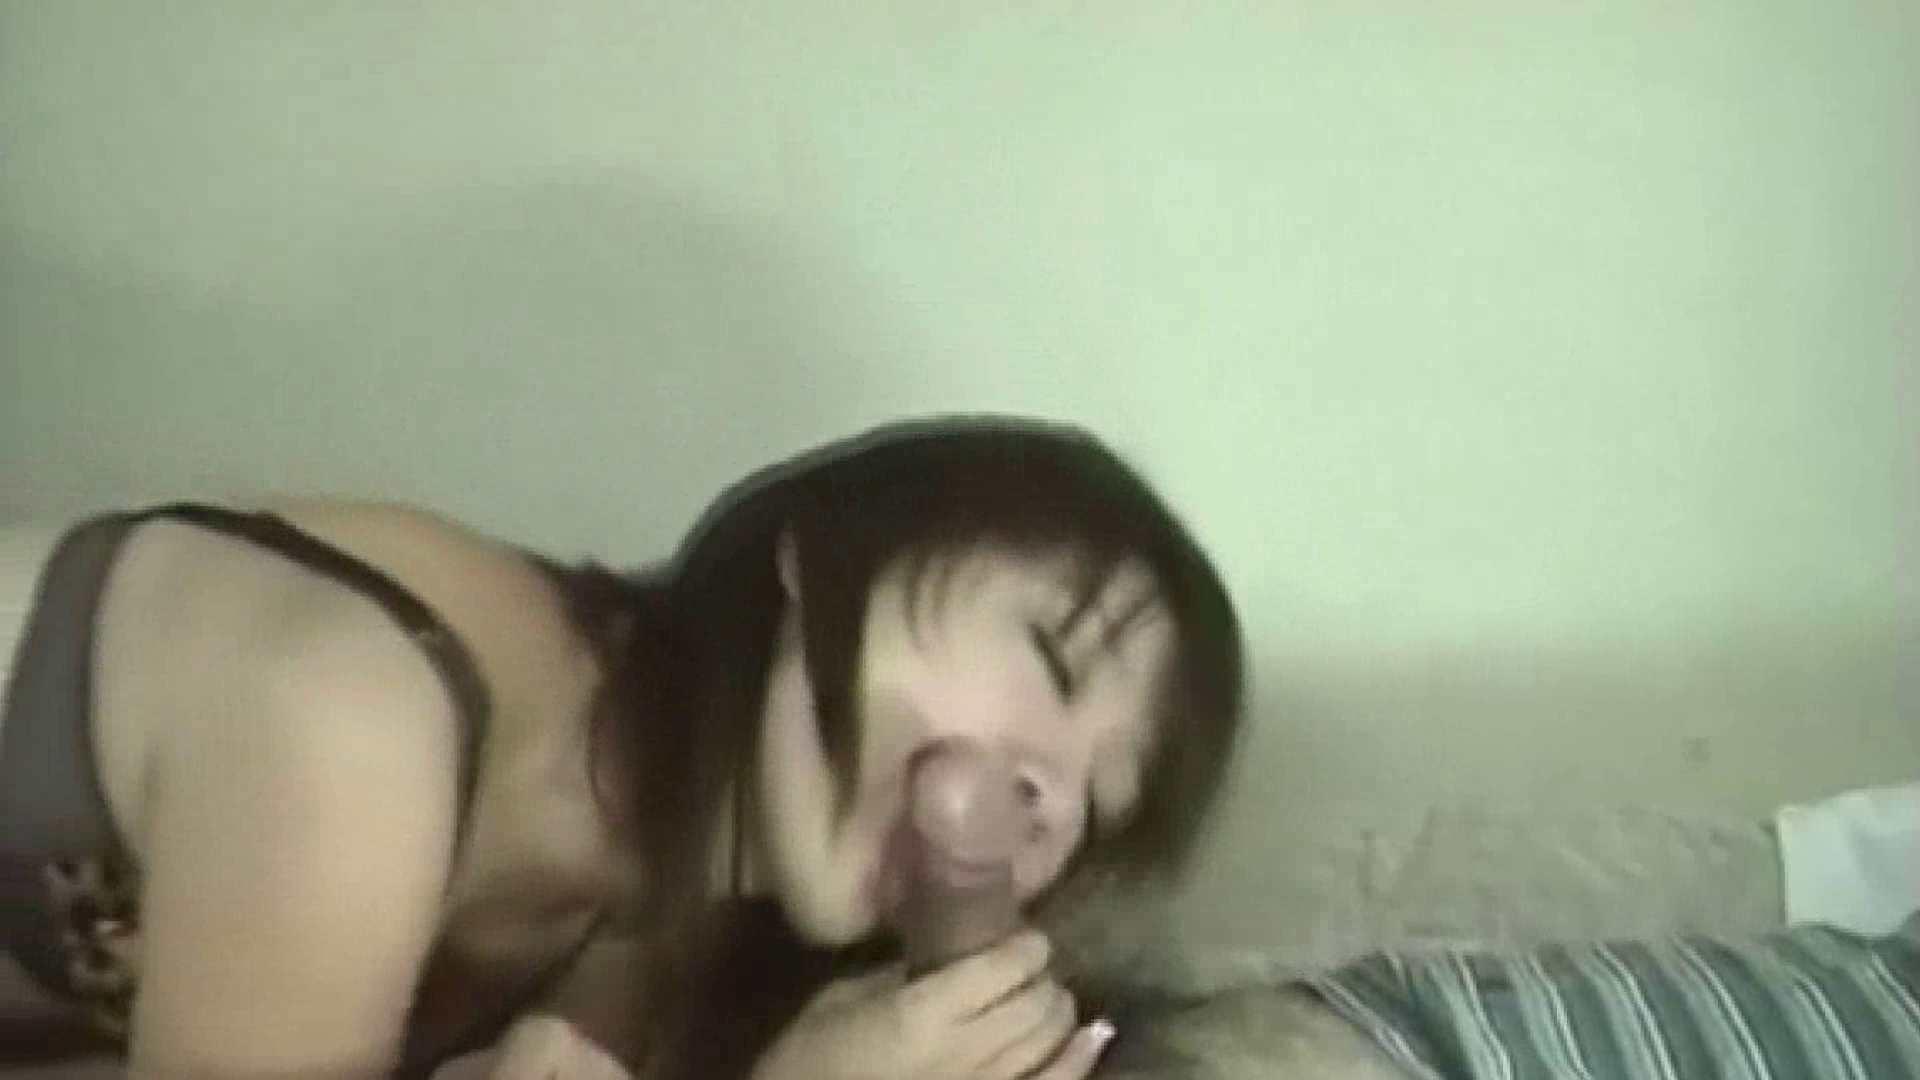 Hで可愛くてケシカラン! Vol.11 色っぽいOL達   色っぽい女子大生  98pic 39